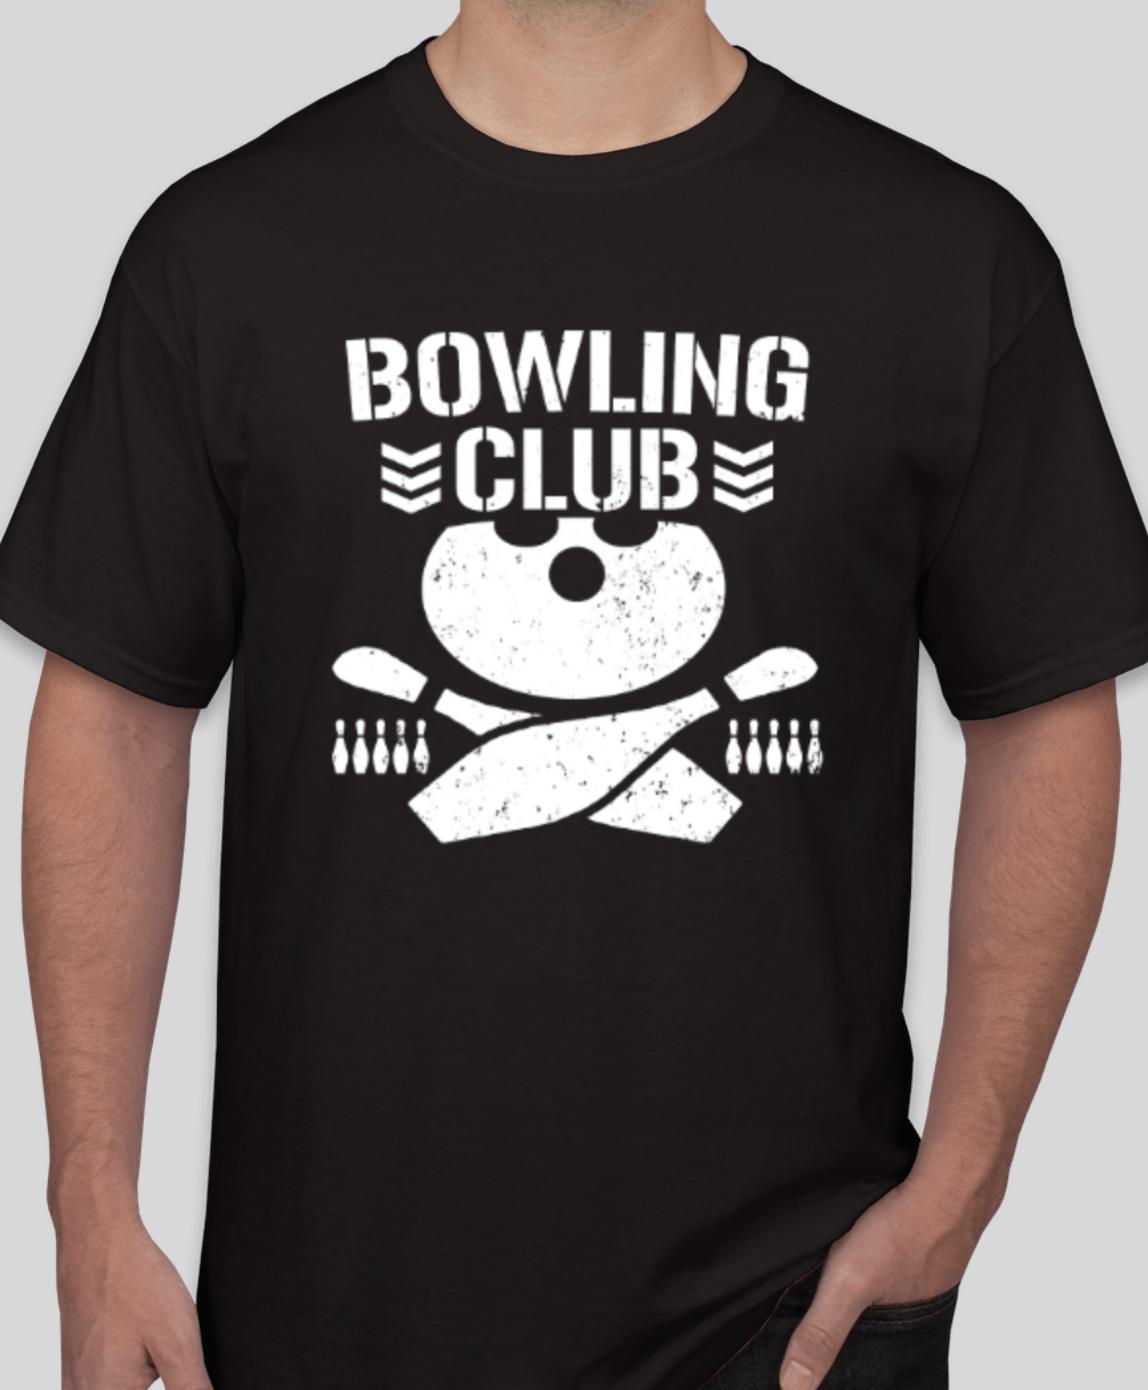 Bowling Club T-Shirt